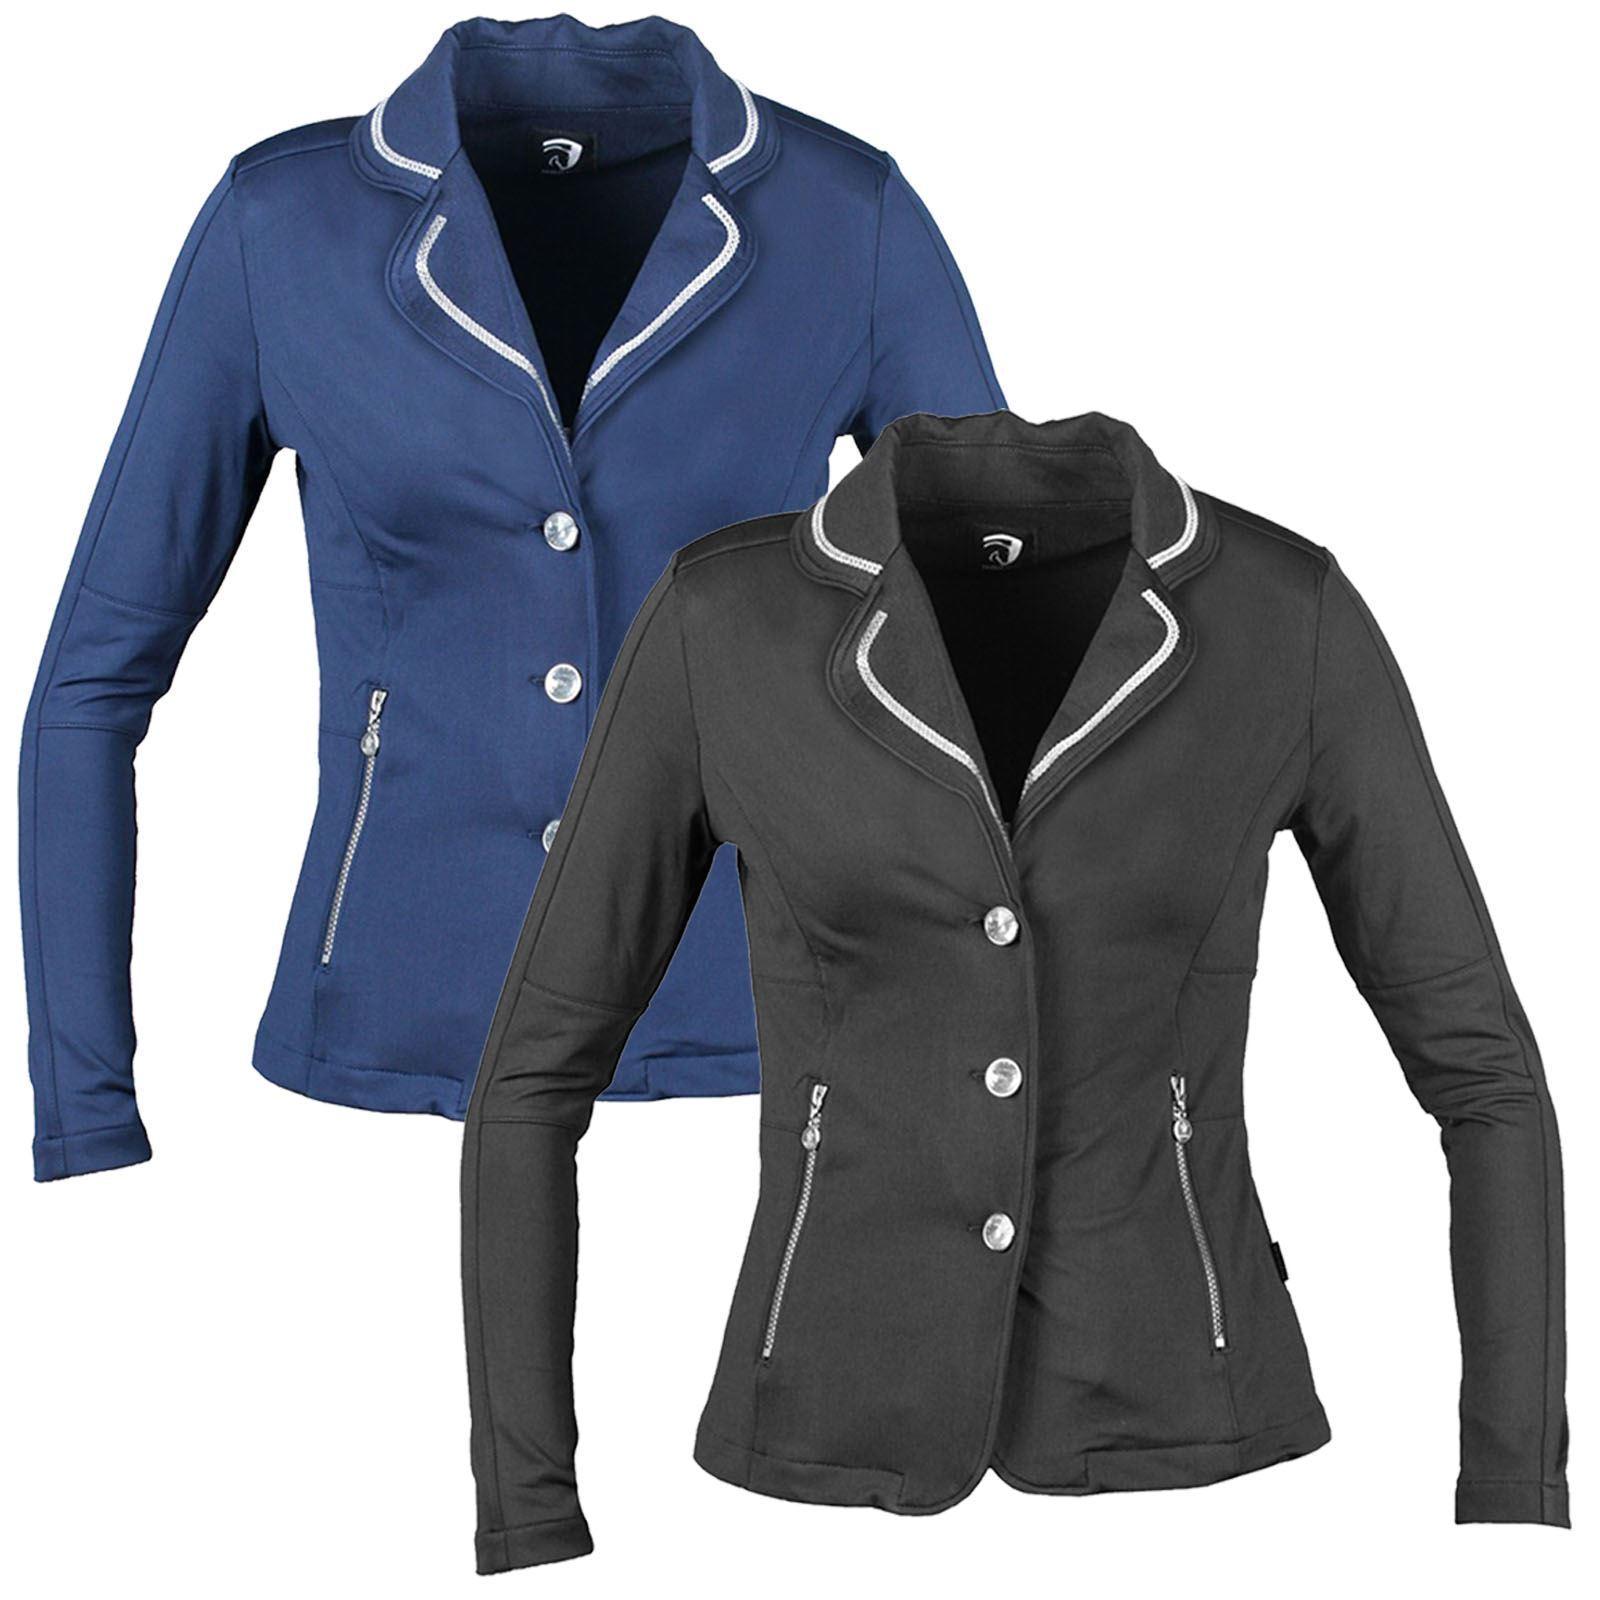 HARKA Donna Equitazione Concorso Equitazione Equestre DDinamica giacca con cerniera NUOVO